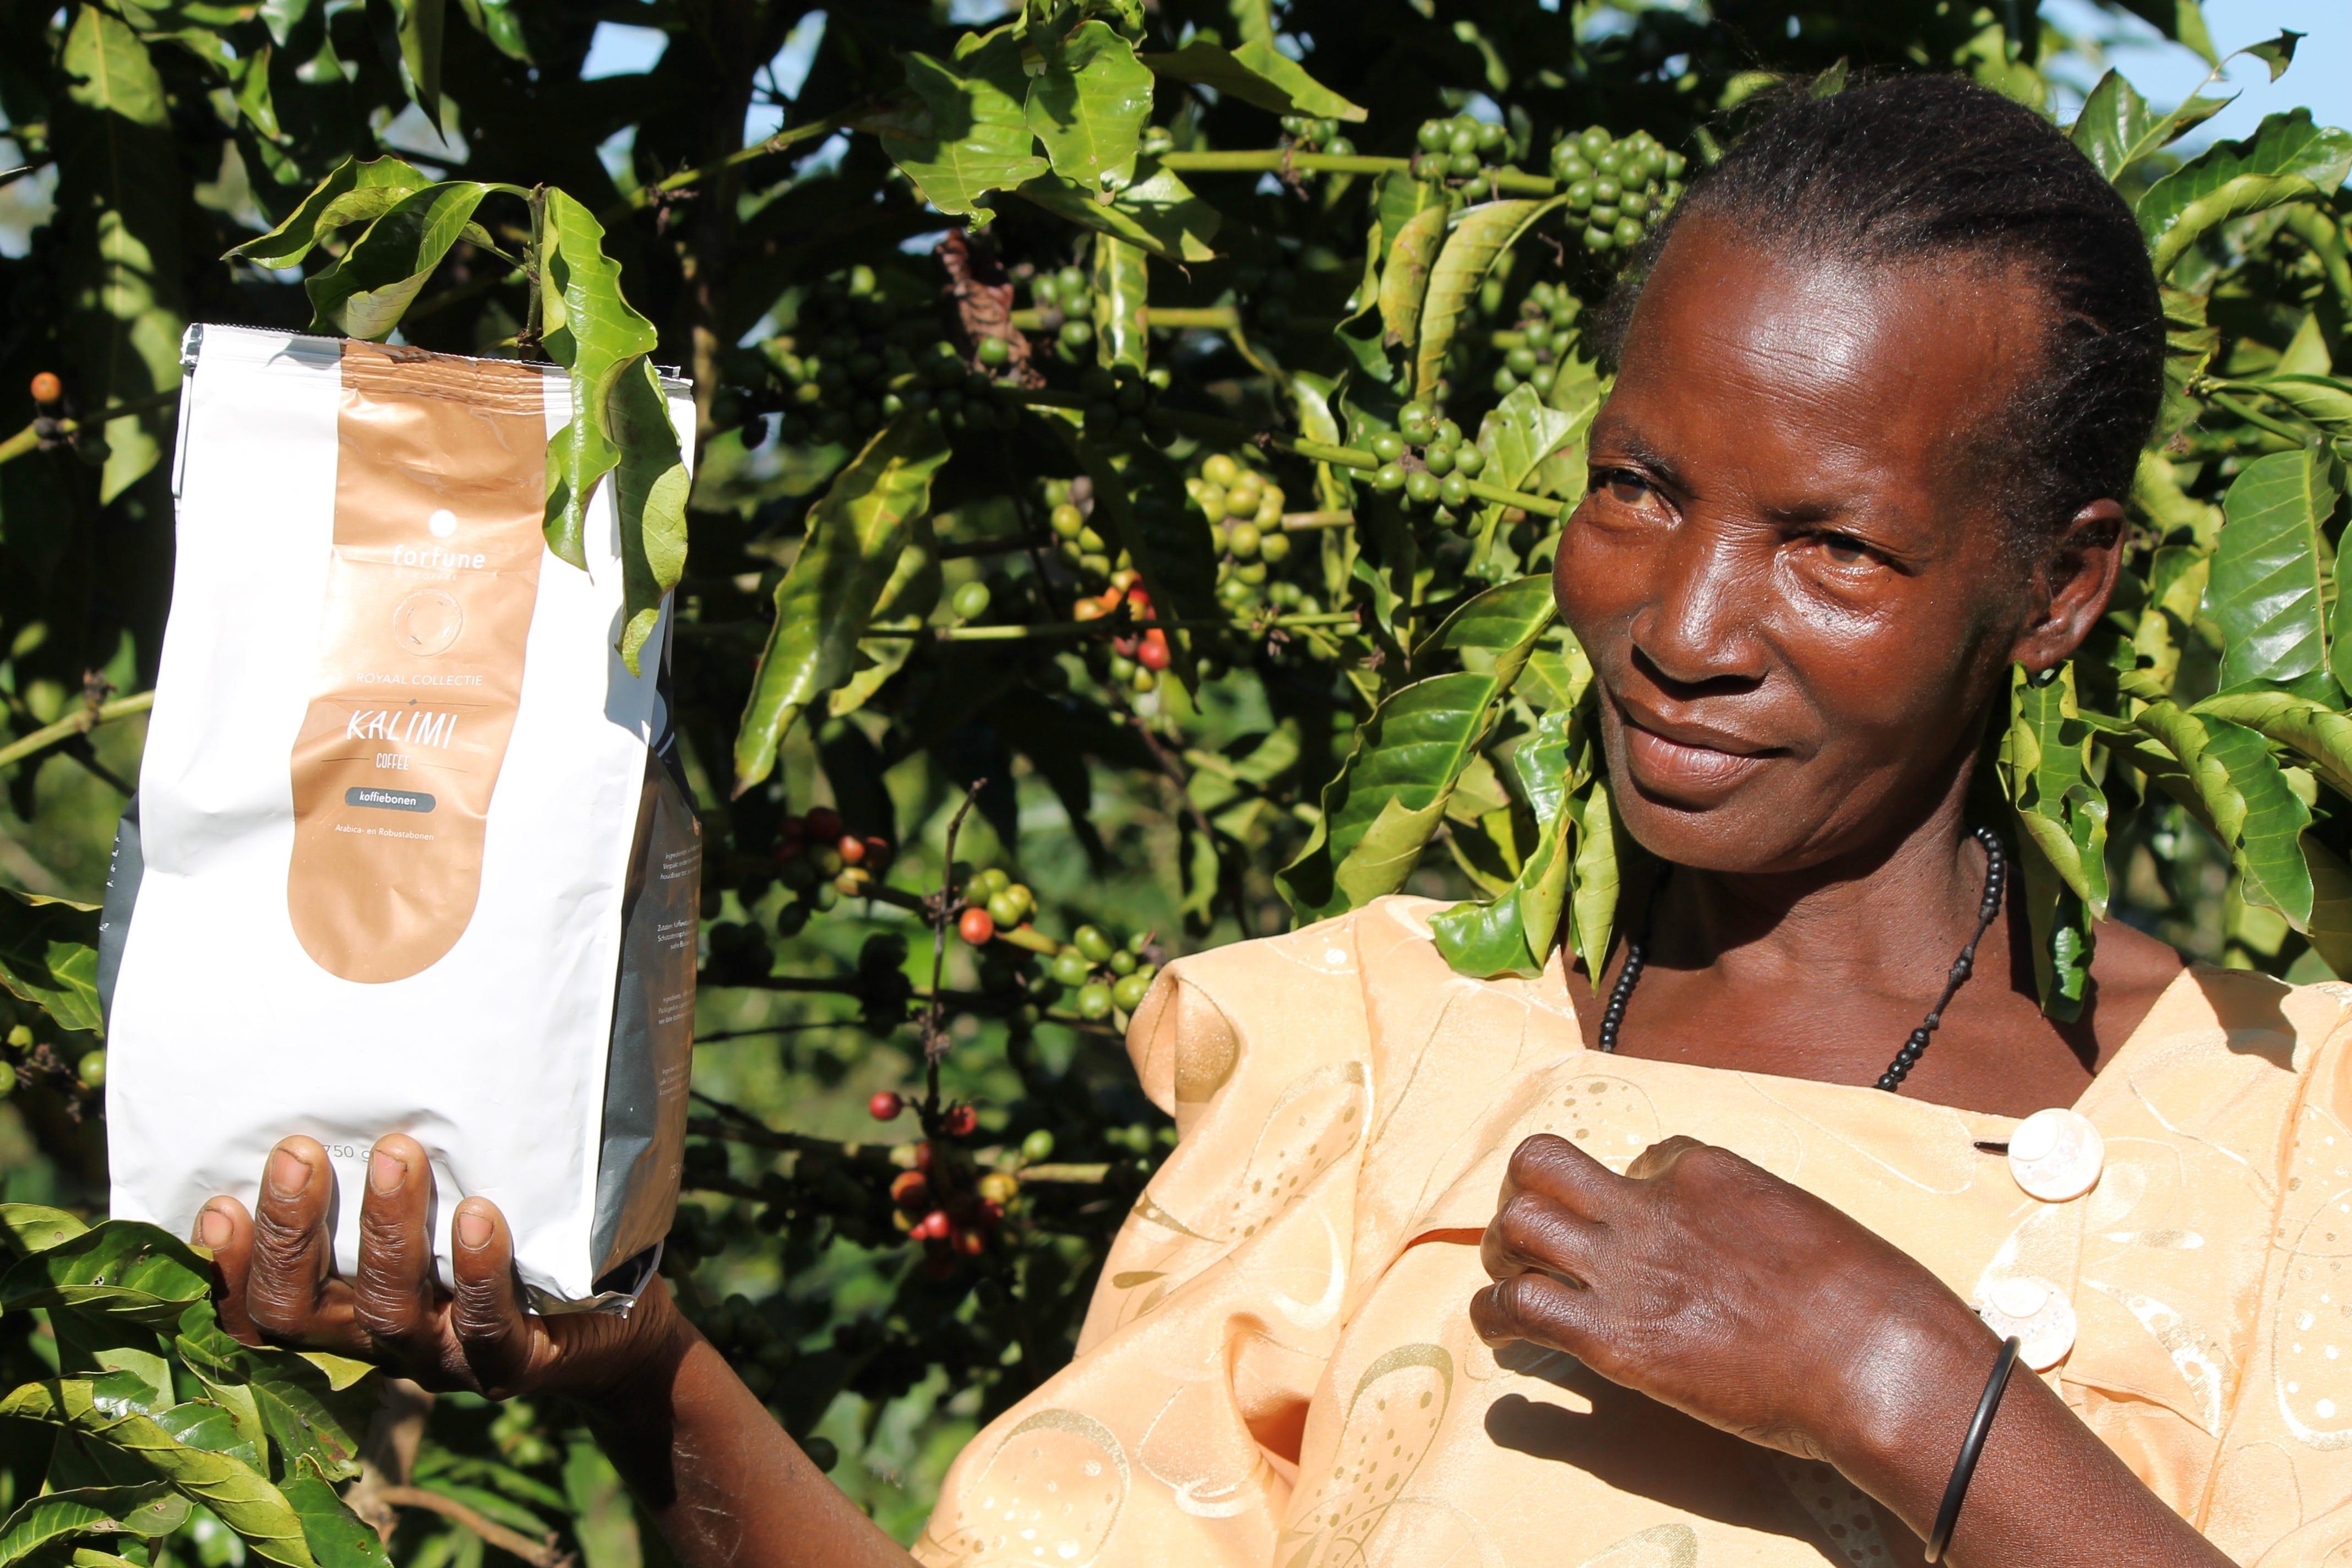 Koffieboerin Betty Kalimi, naamdraagster van onze Kalimi Coffee